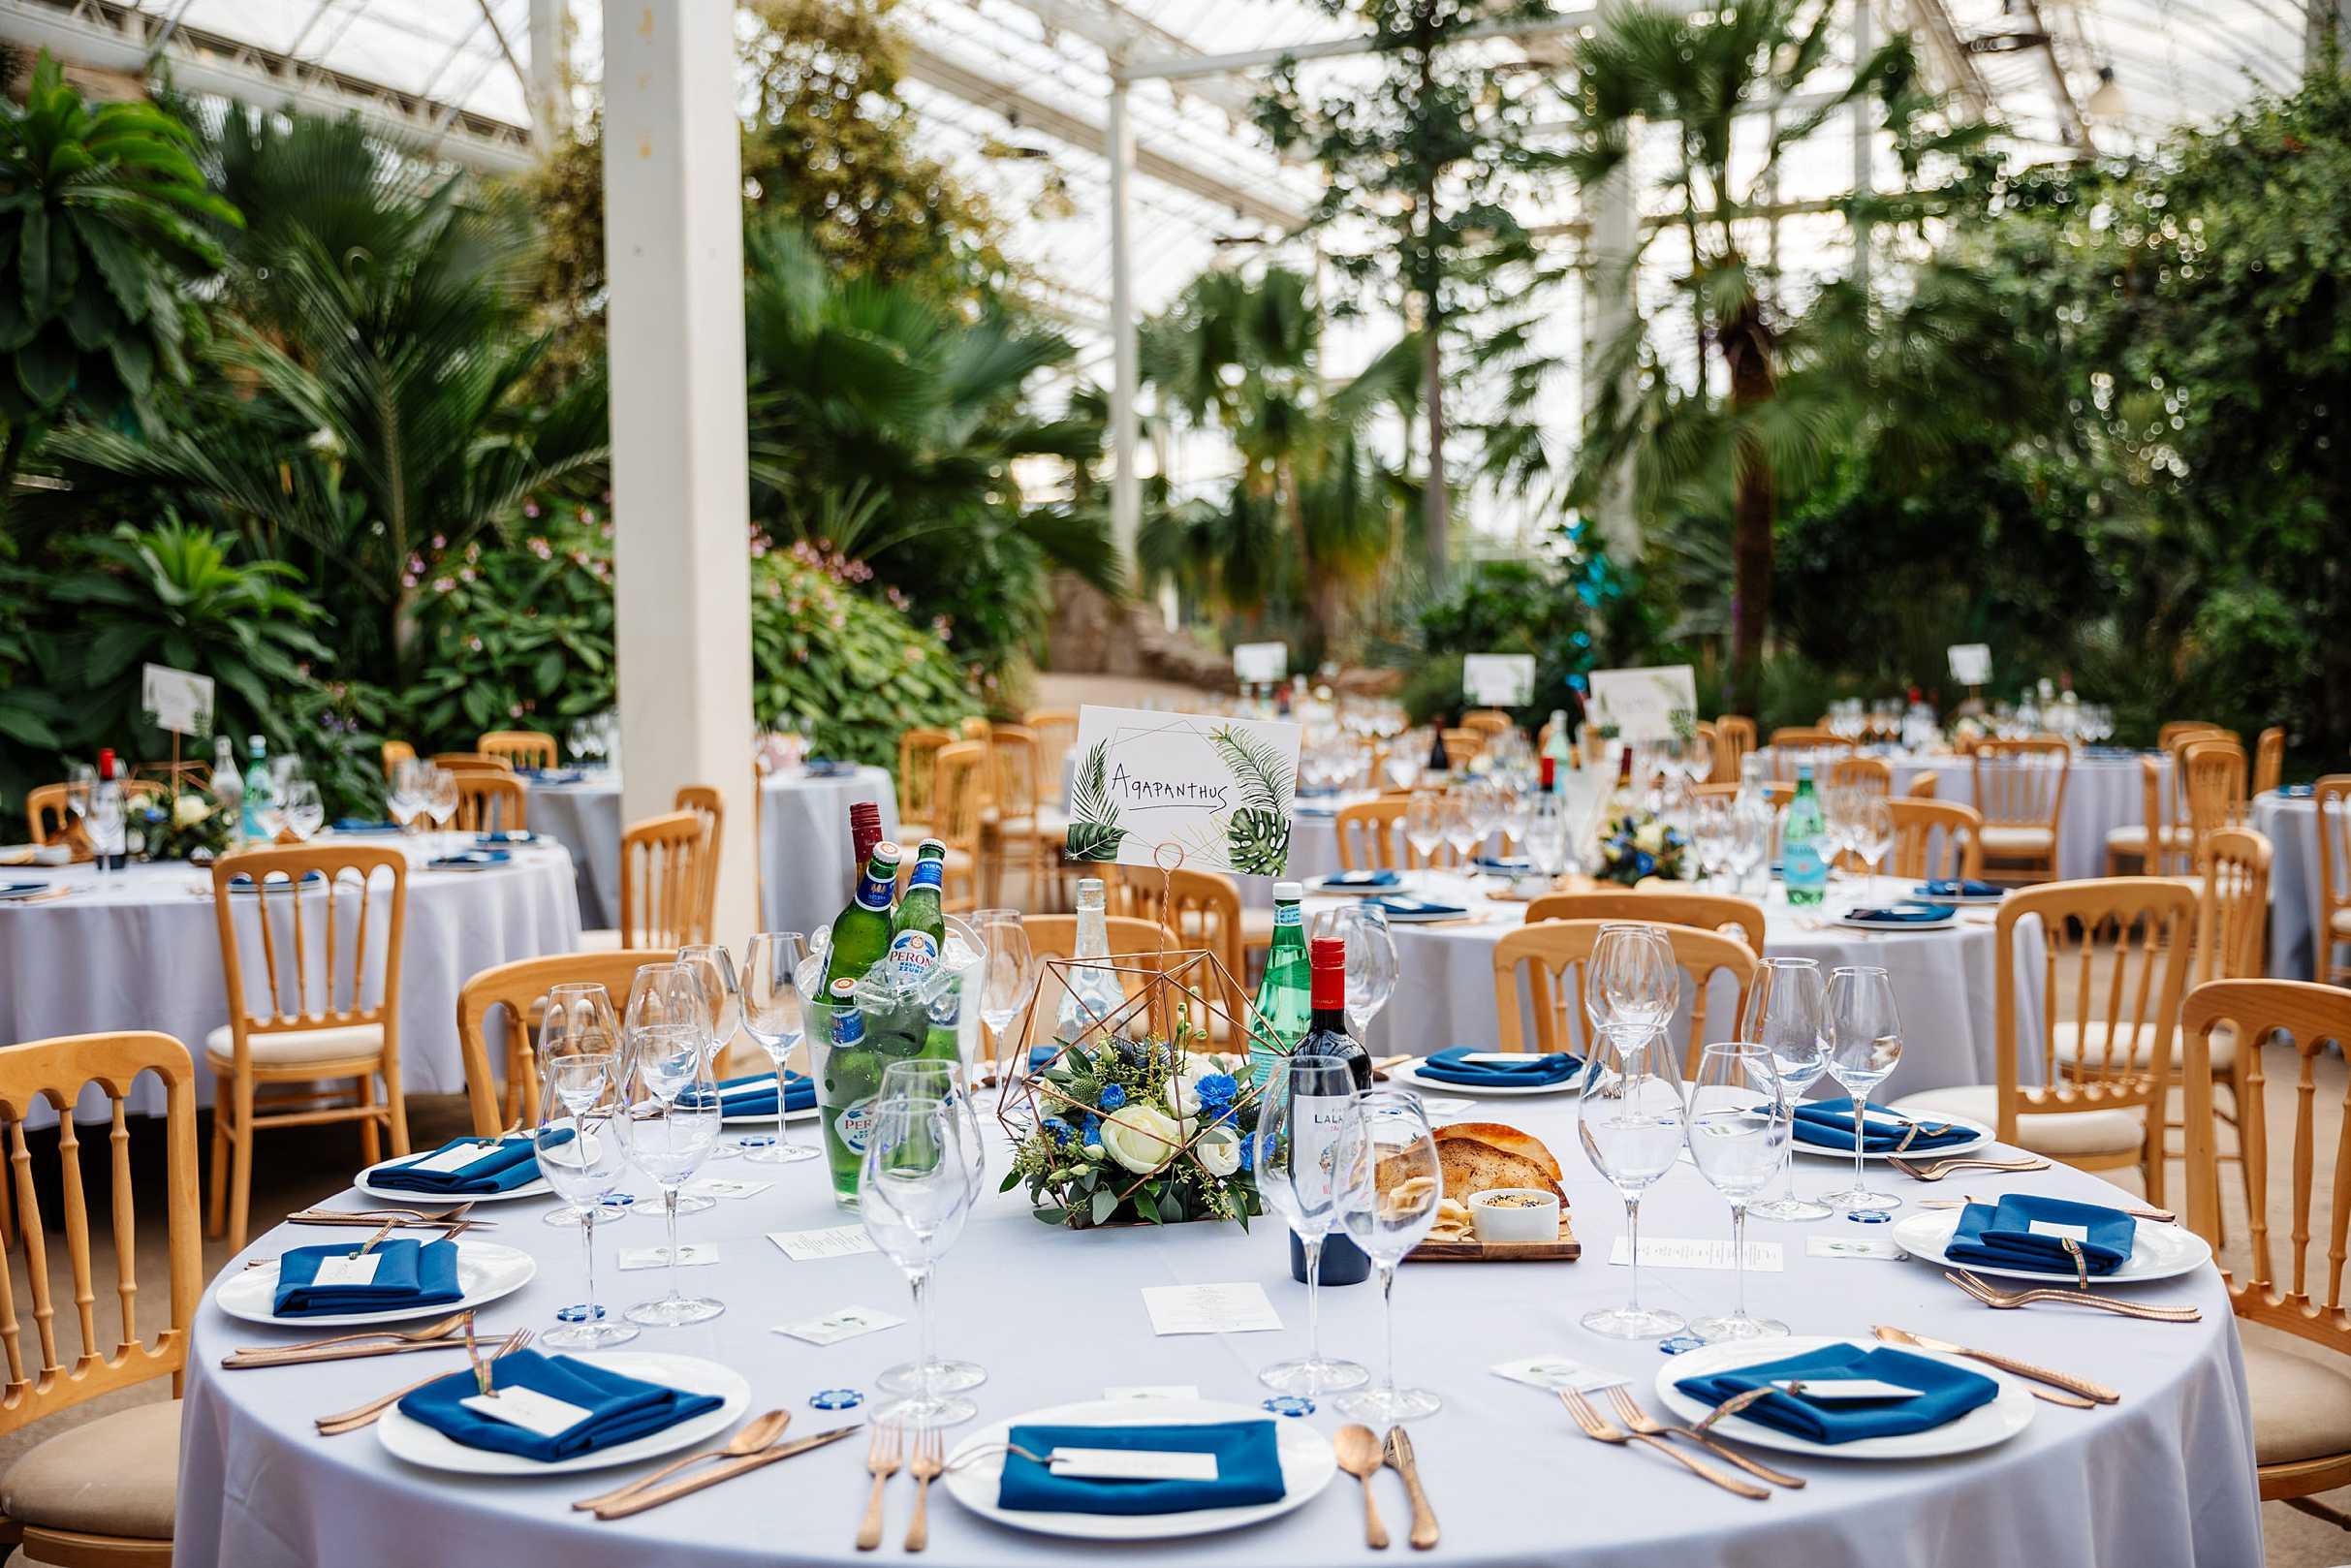 rhs wisley glasshouse wedding